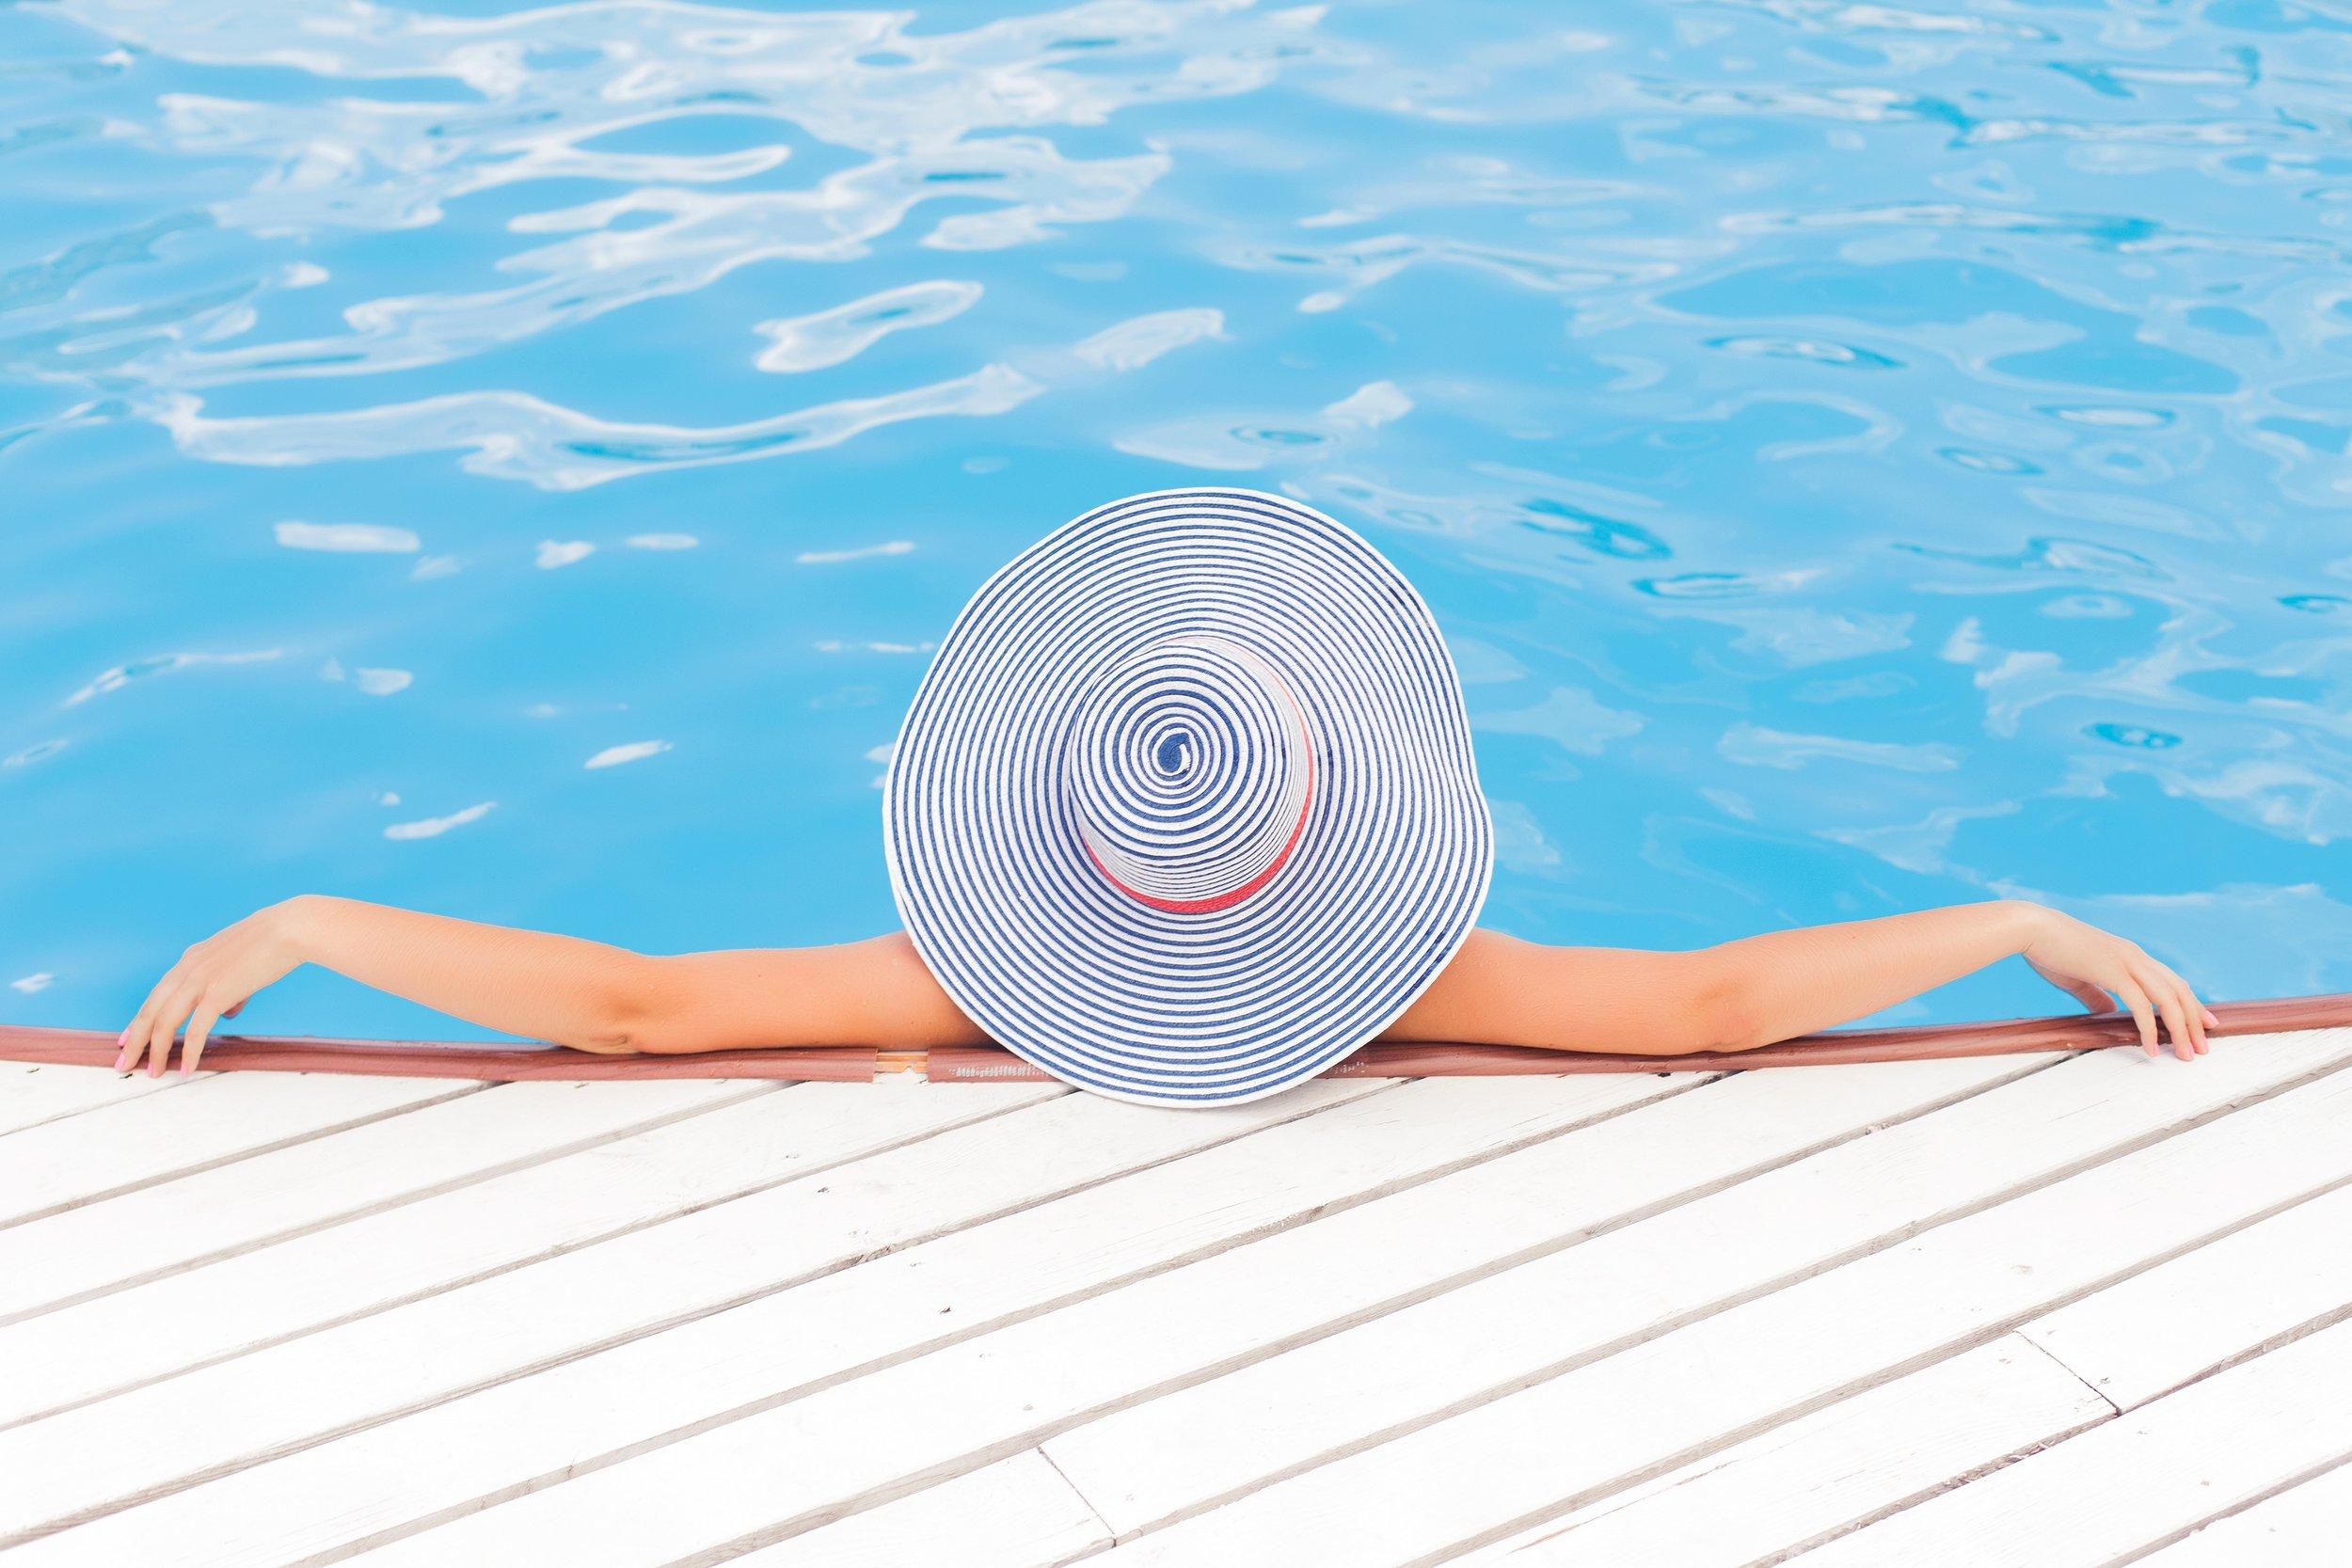 wanderlust-travel-blog-bachelor-bachelorette-travel-pool